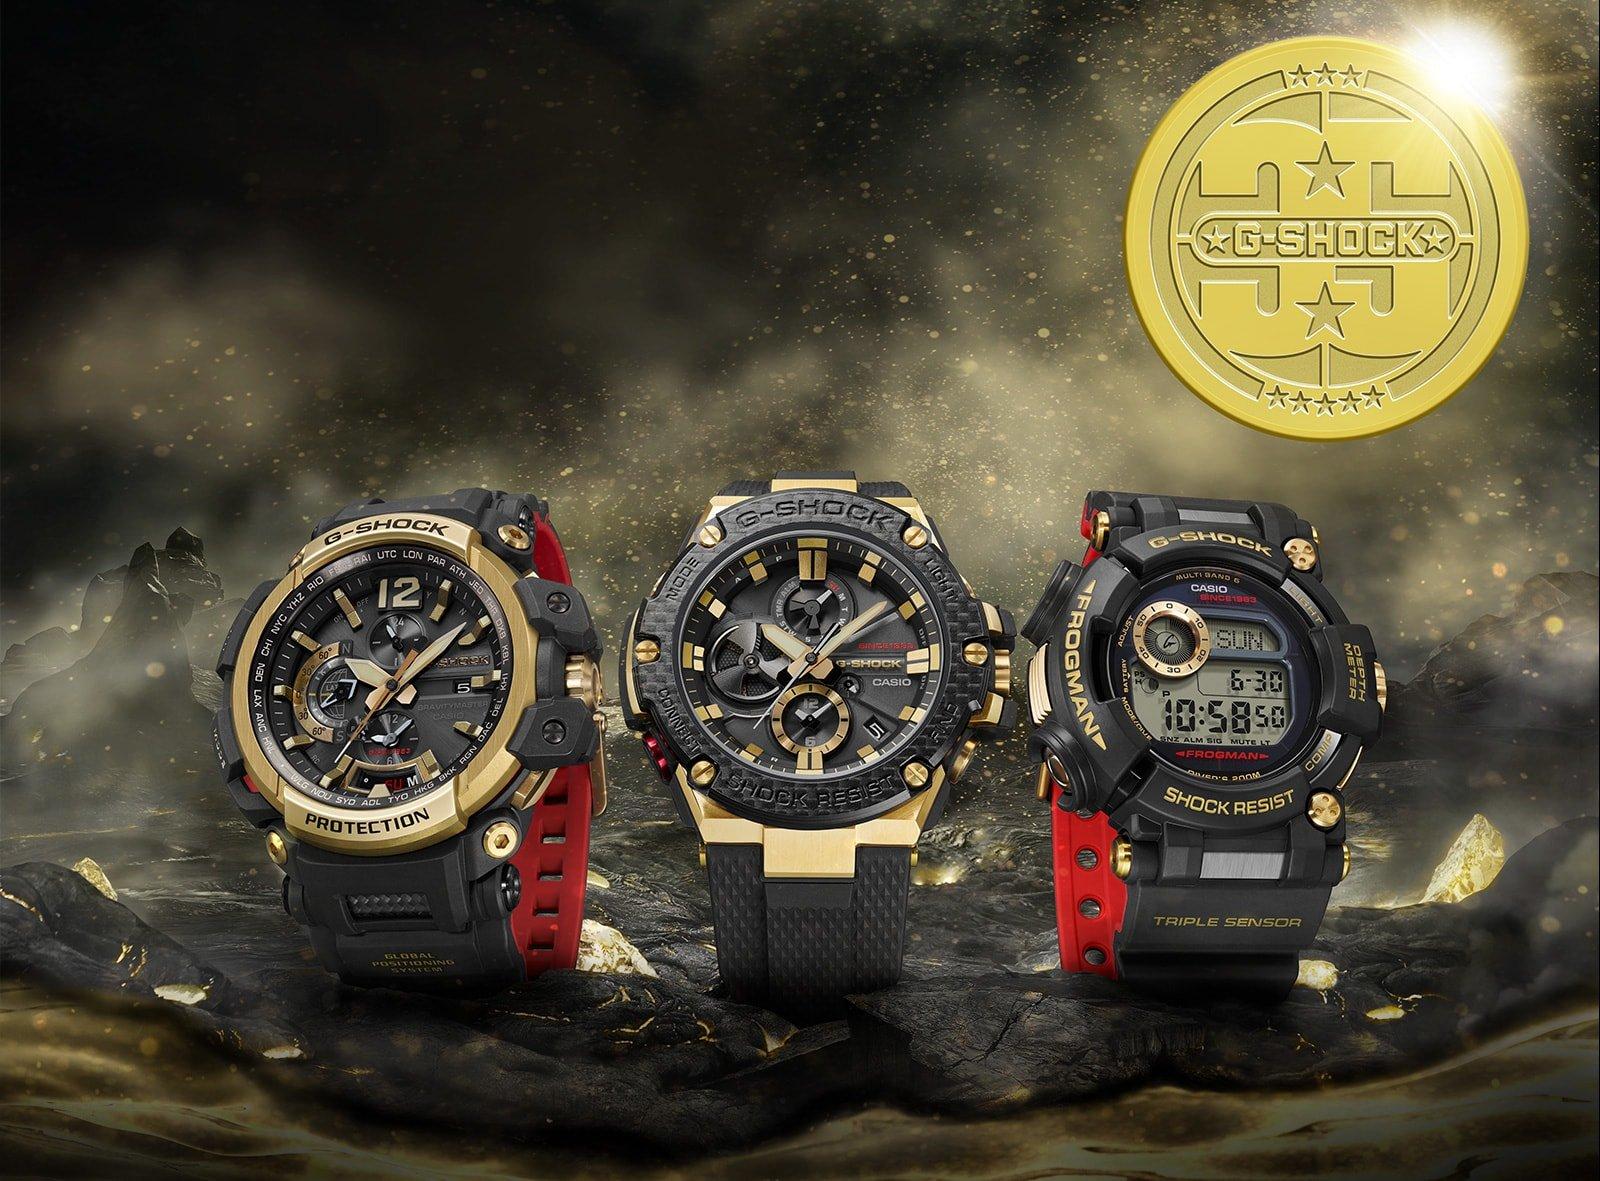 Limitowane zegarki G-Shock Gold Tornado na symbolicznym czarnym pasku z tworzywa sztucznego, z czerwonym spodem oraz złotymi akcentami.